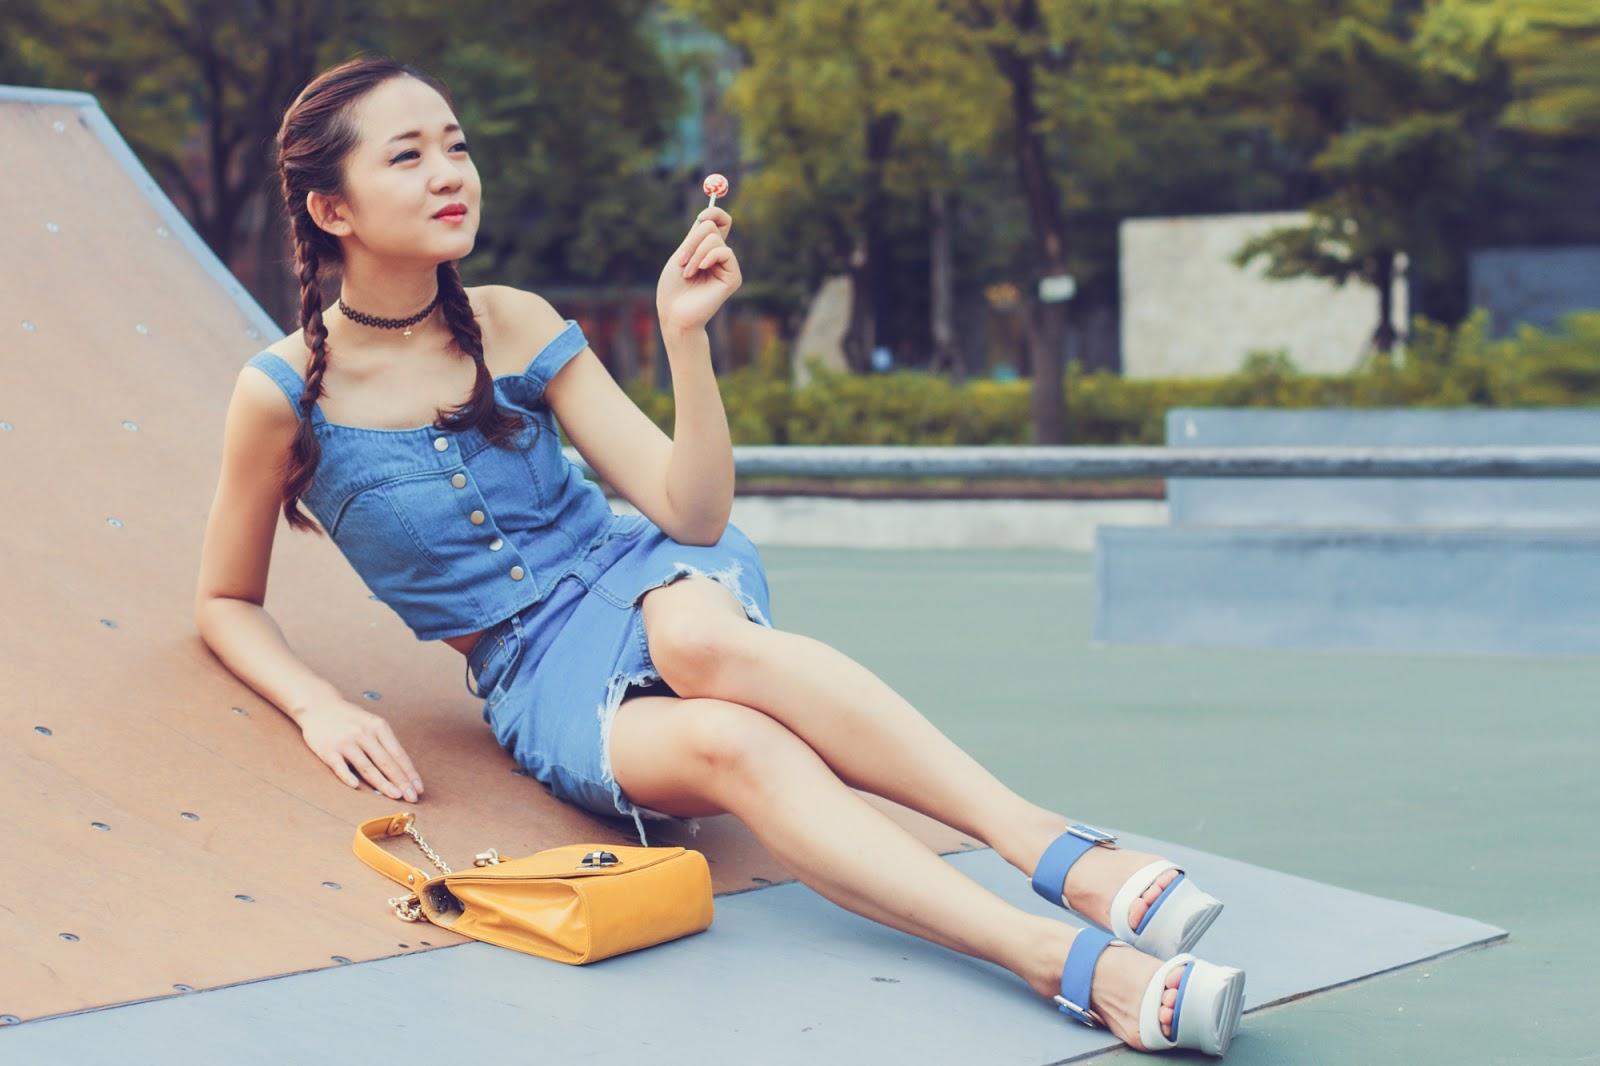 модная одежда, korean fashion, основы корейской моды, корейская мода, корейские бренды, кроп-топ, короткий топ, джинсовый топ, рваная юбка, сабо, корейская обувь, желтая сумка, девочки как девочки, чупа-чупс, чокеры, чокер, косички